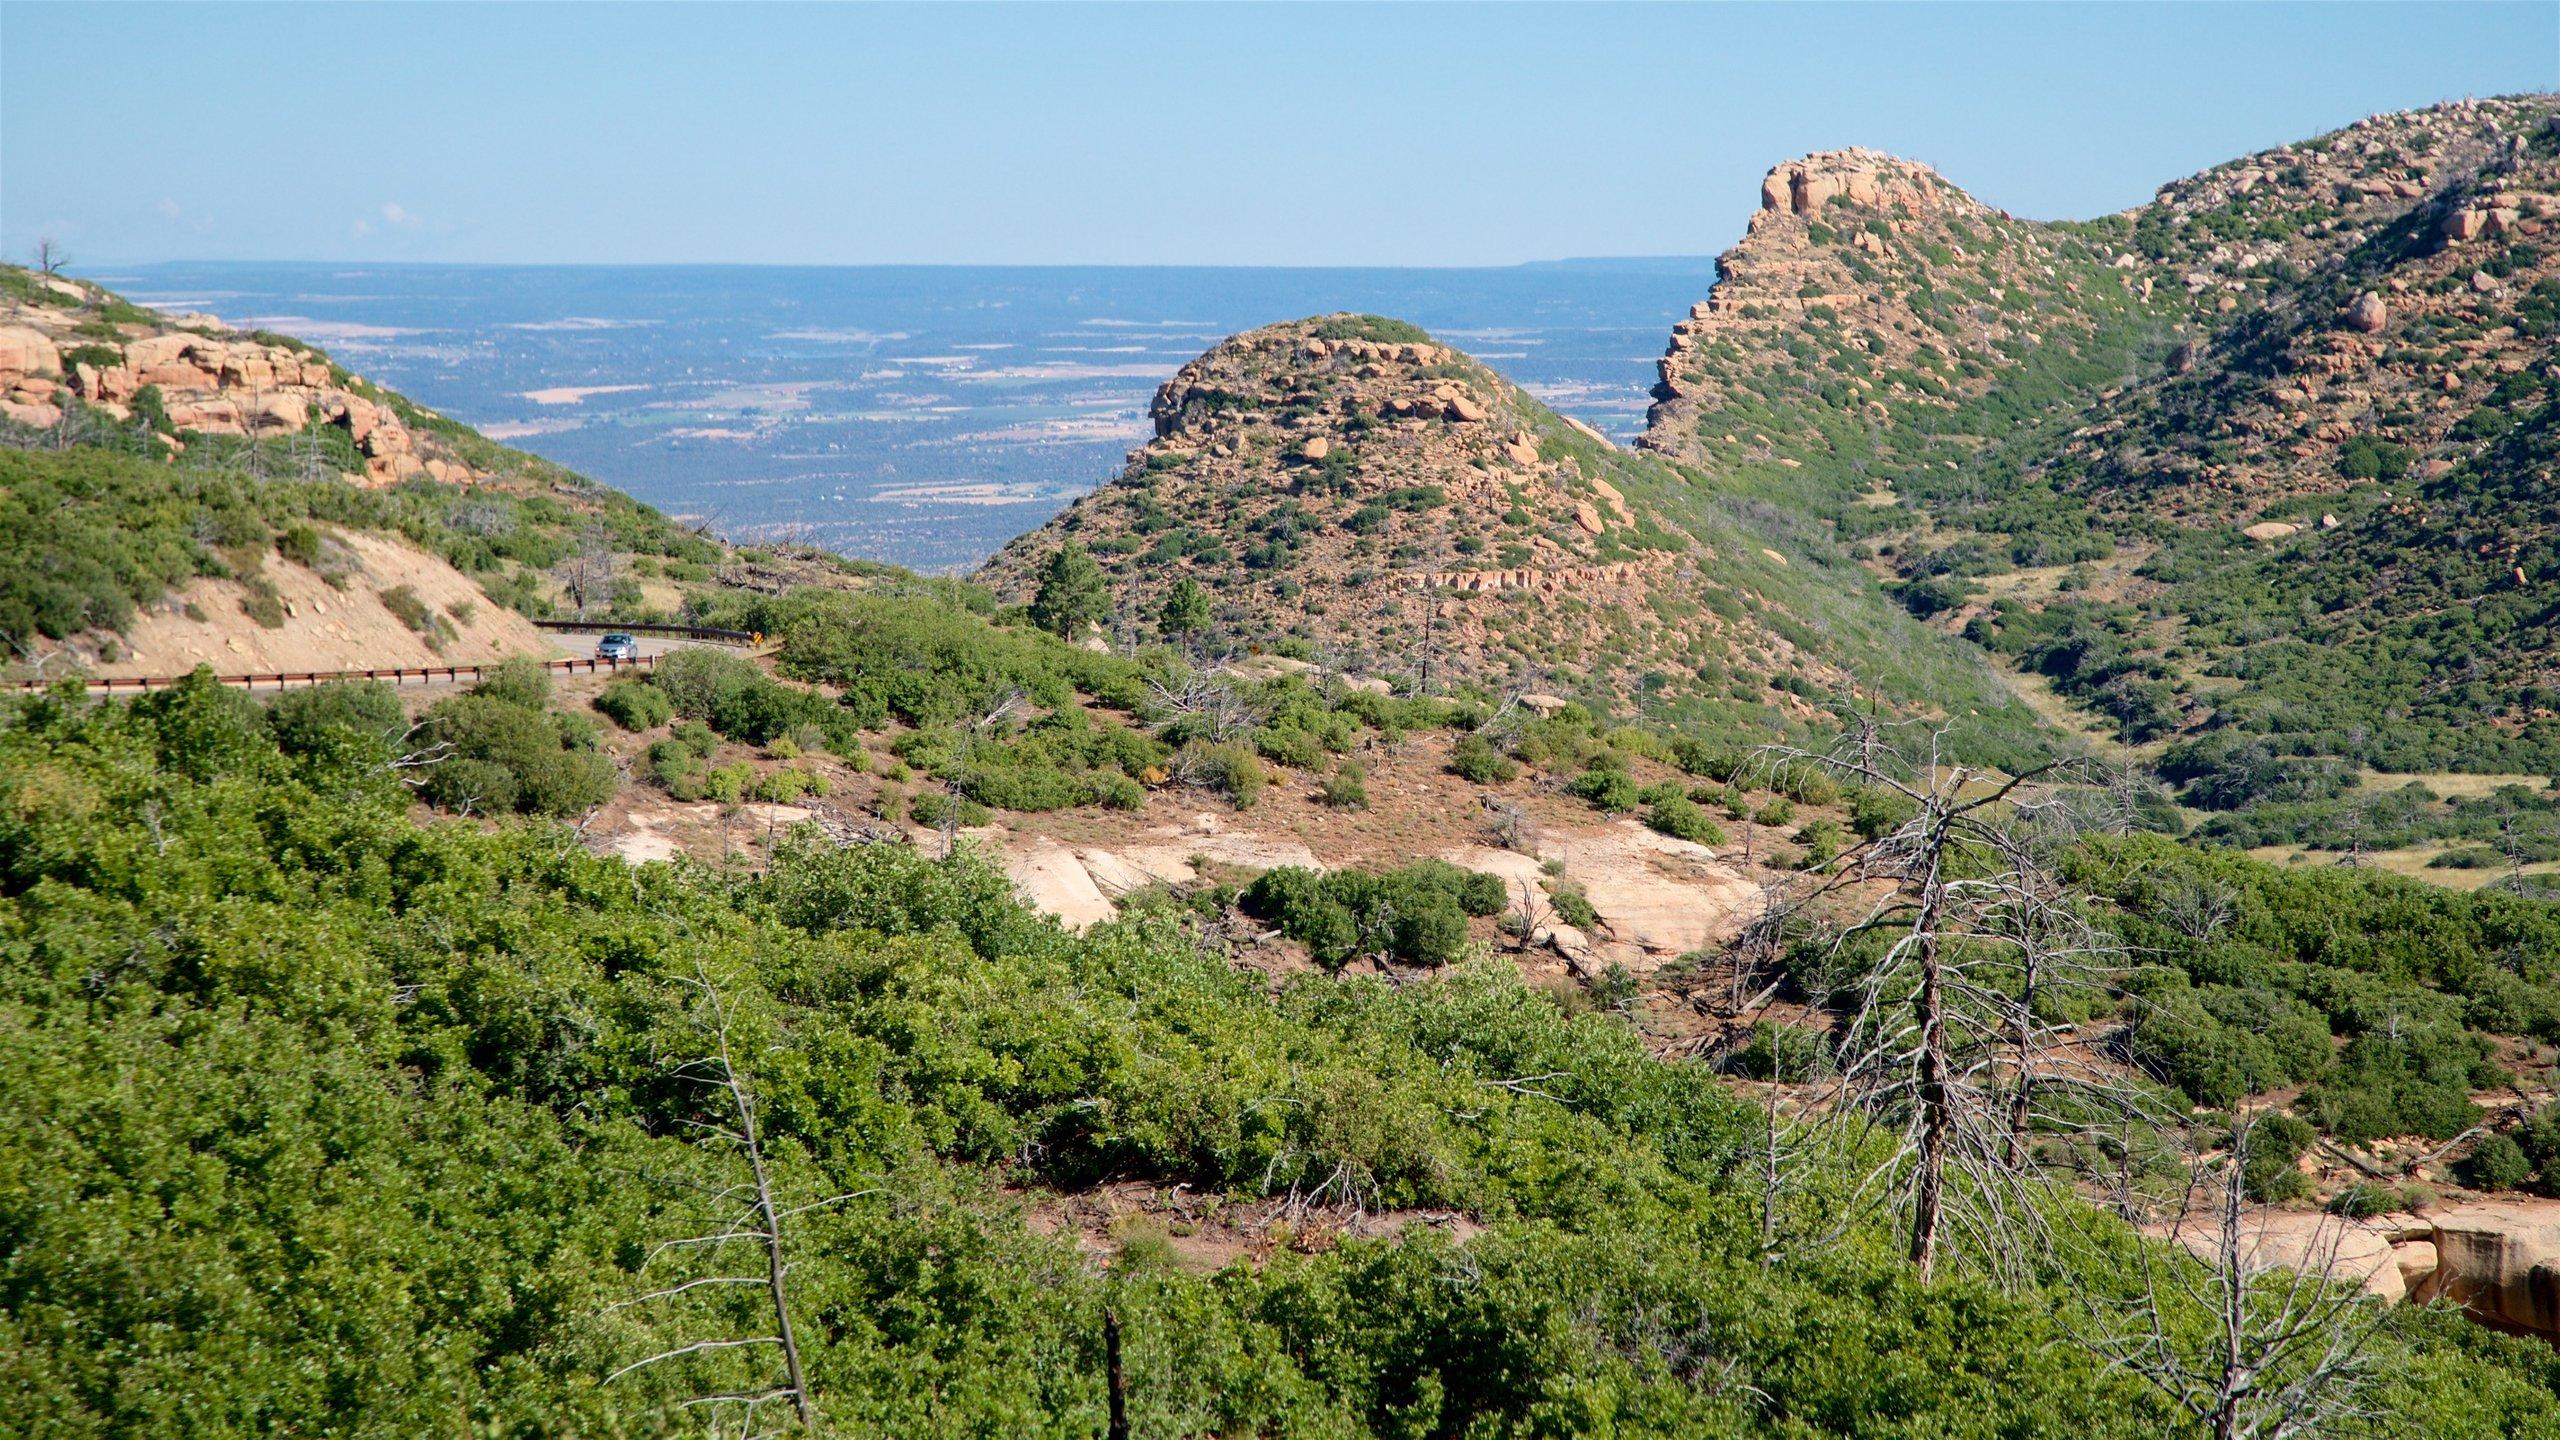 Southwest Colorado, Colorado, United States of America